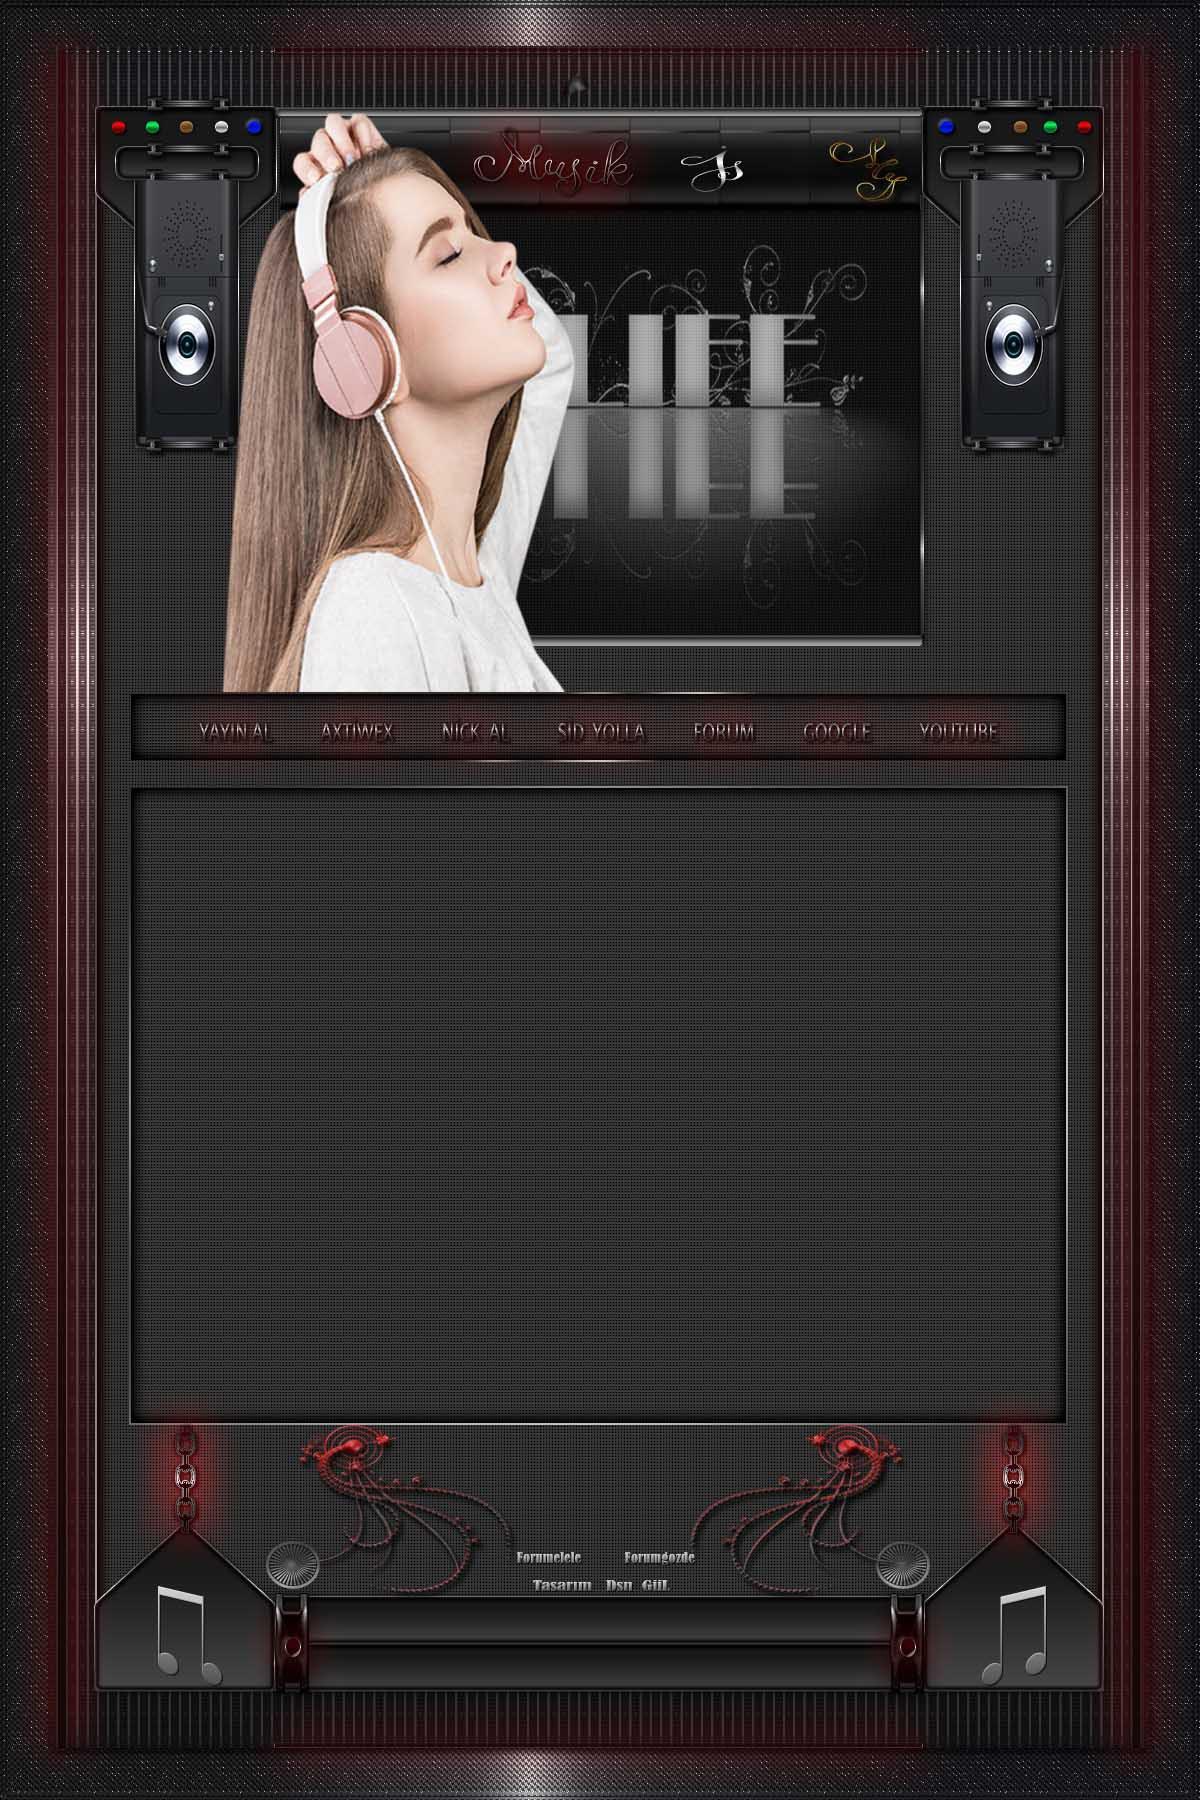 GüL.*Den,Flatcast Radyo İndexi-muzik duygularımızın en acık dilidir.indexi-Forumelele-Gozdeforum( 900+ 600 )